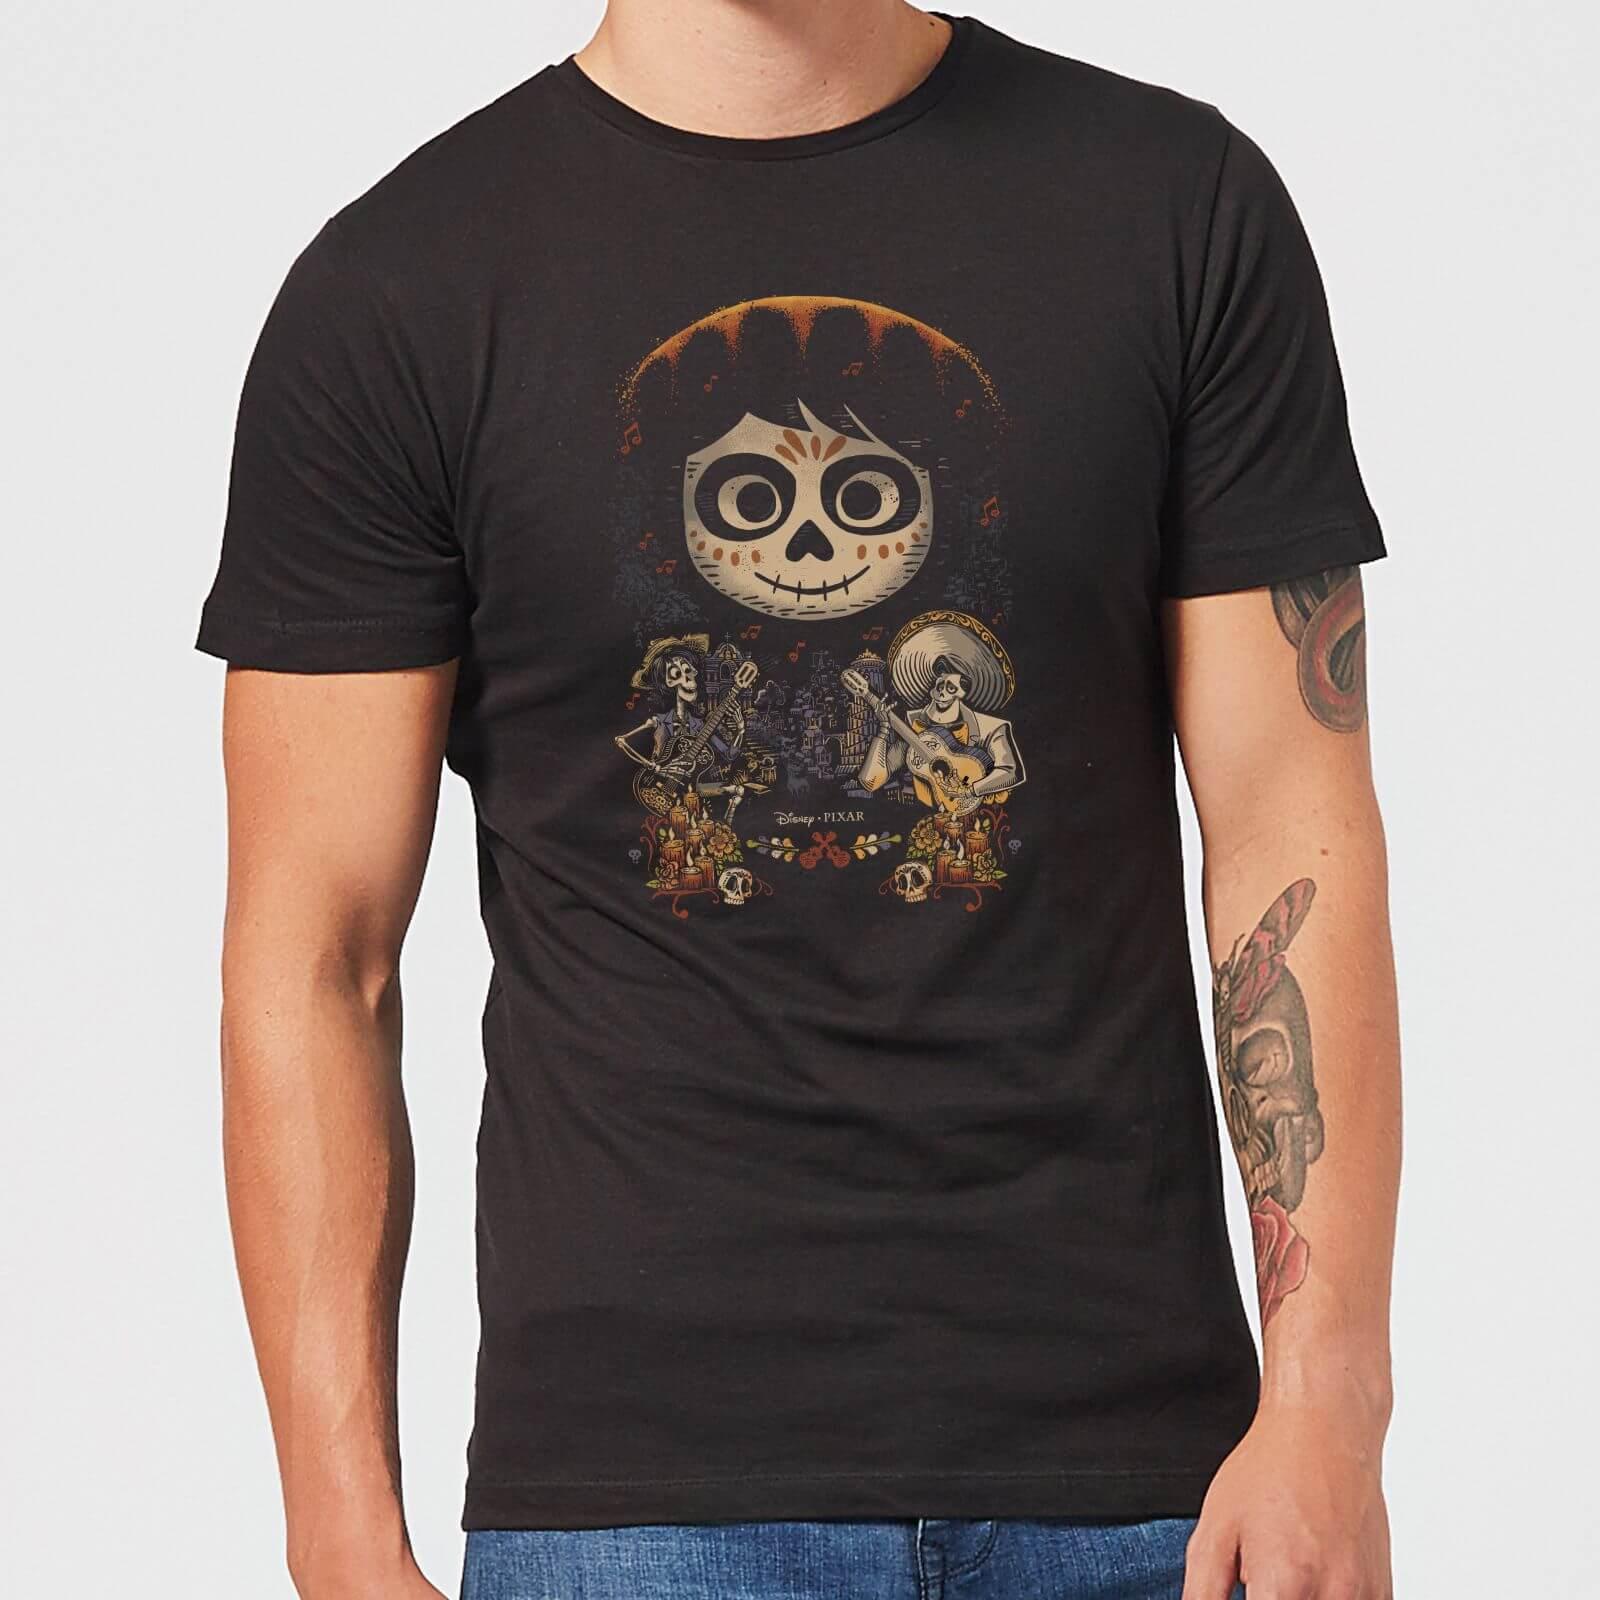 Pixar T-Shirt Homme Visage Miguel Poster Coco - Noir - M - Noir